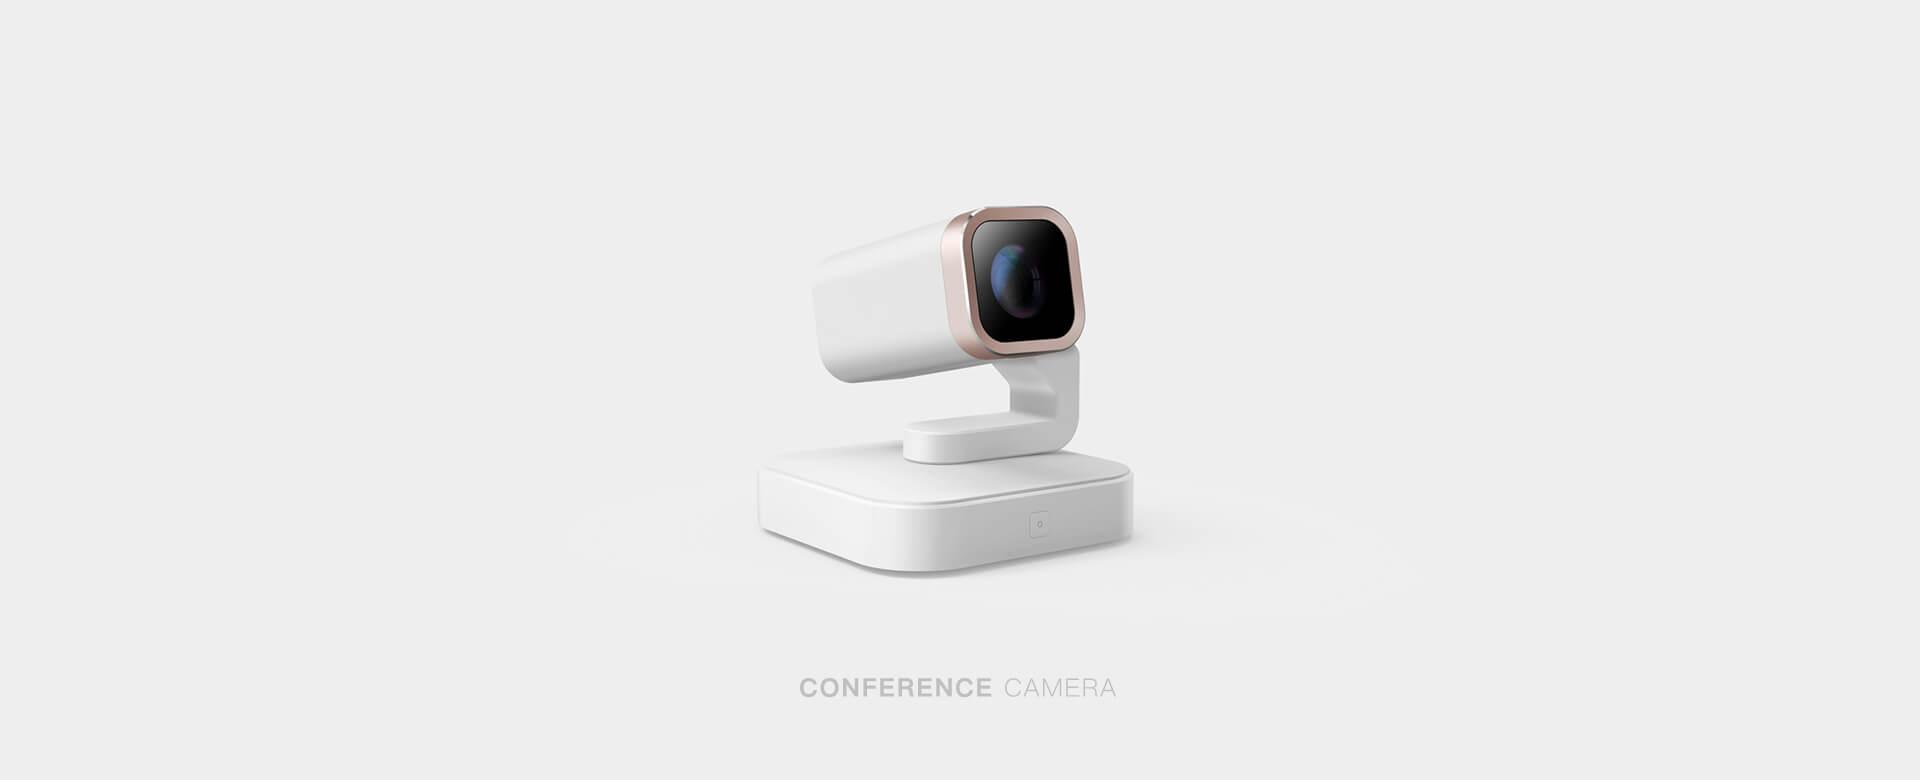 摄像头价格电脑摄像头摄像头品牌十大品牌